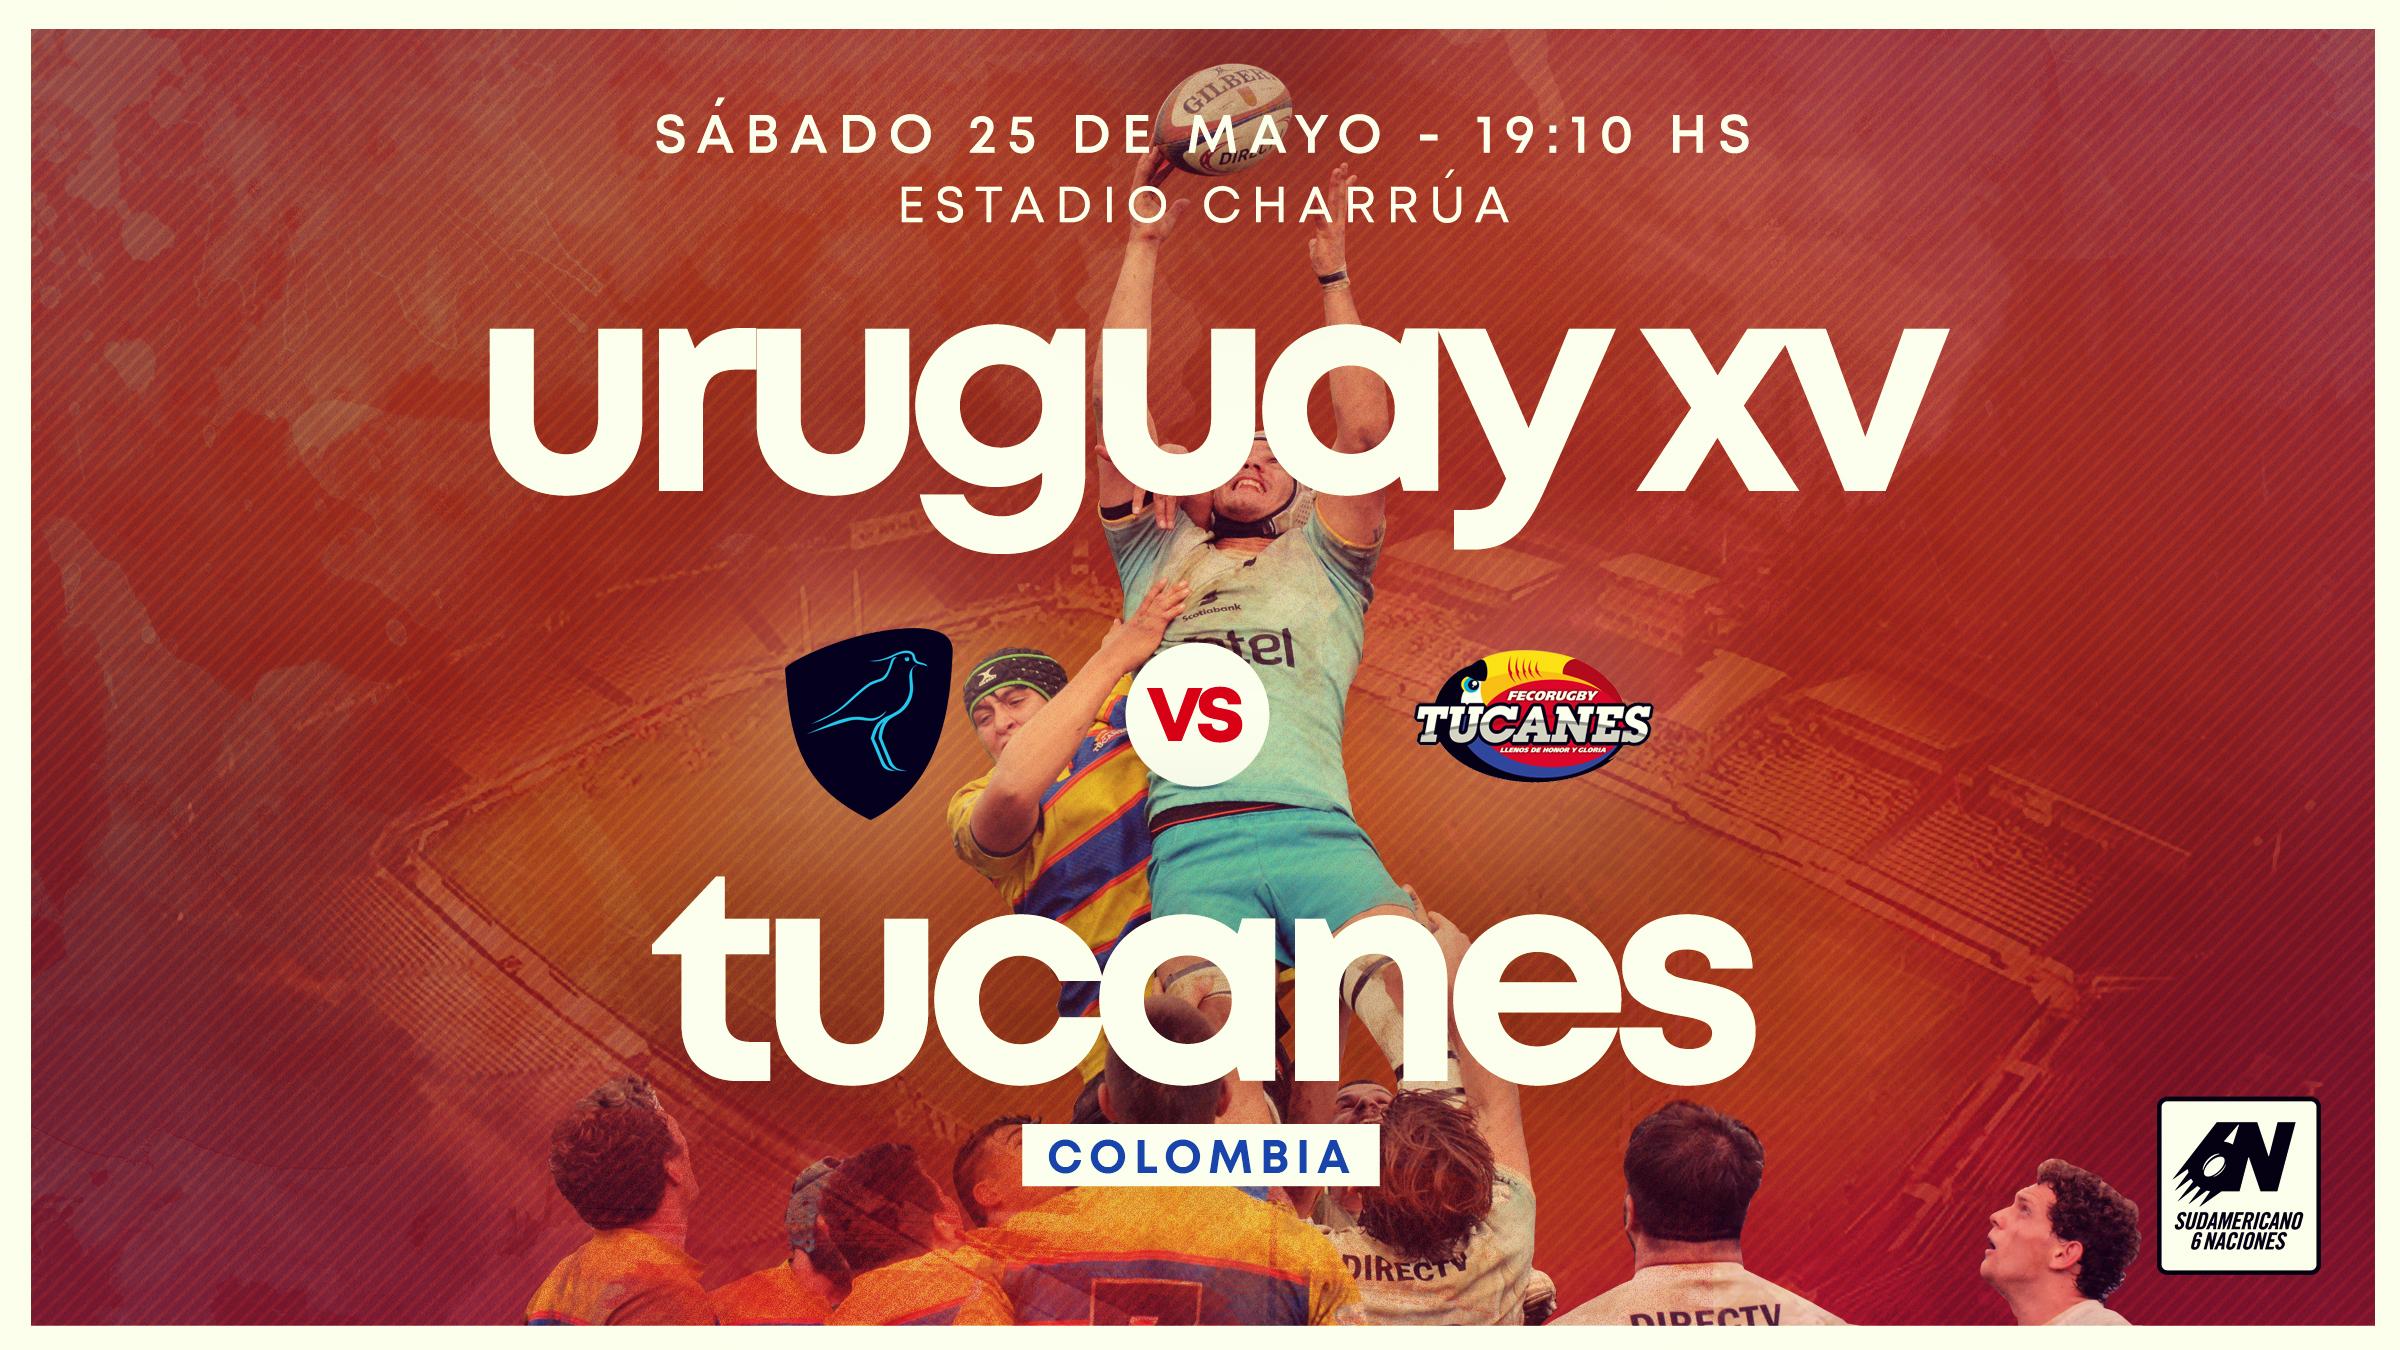 Uruguay XV recibe a Colombia en la definición del #SAR6N